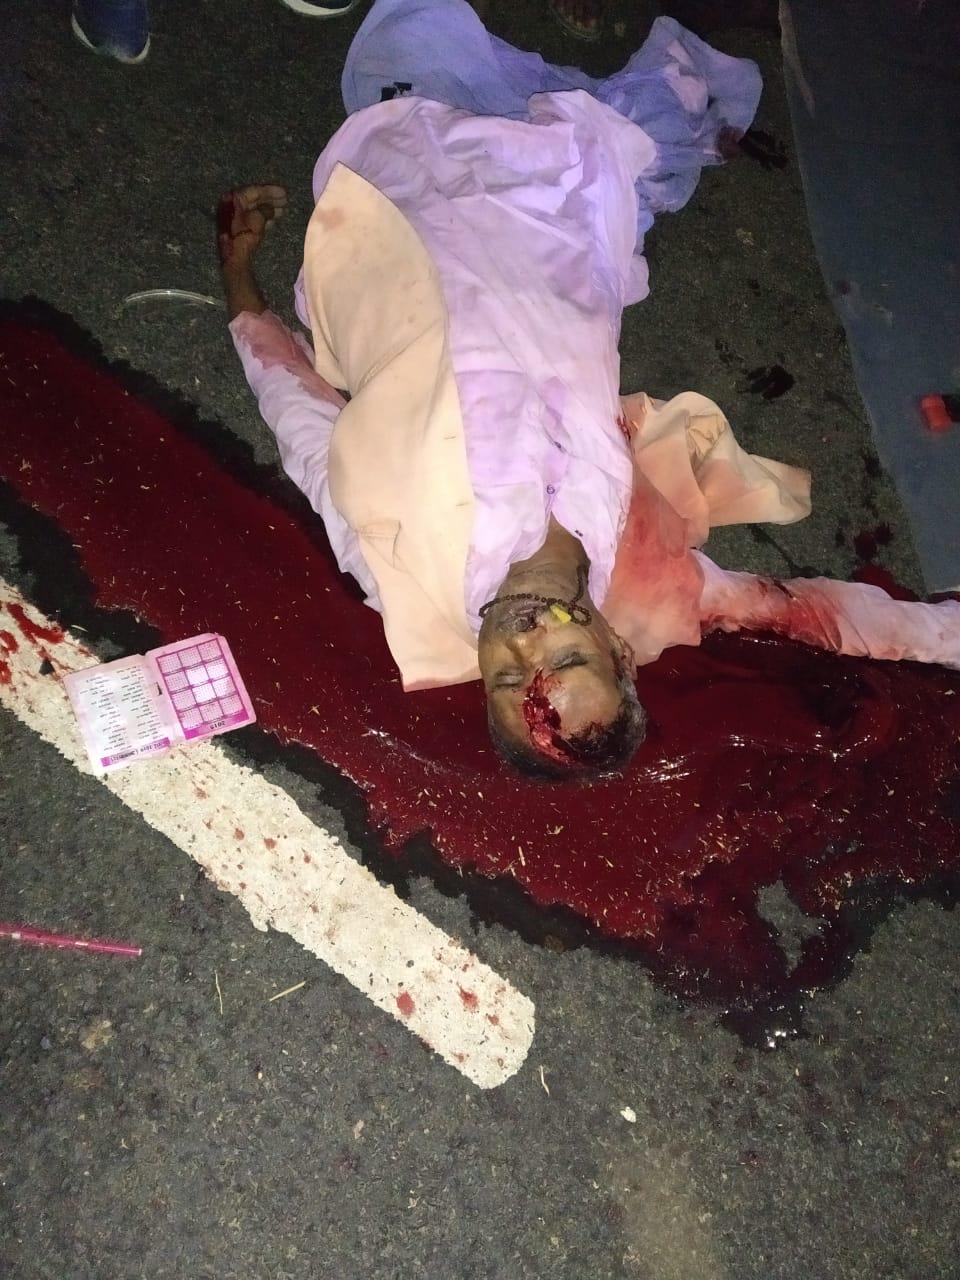 हिंदी समाचार |सड़क दुर्घटना के कारण भाजपा...